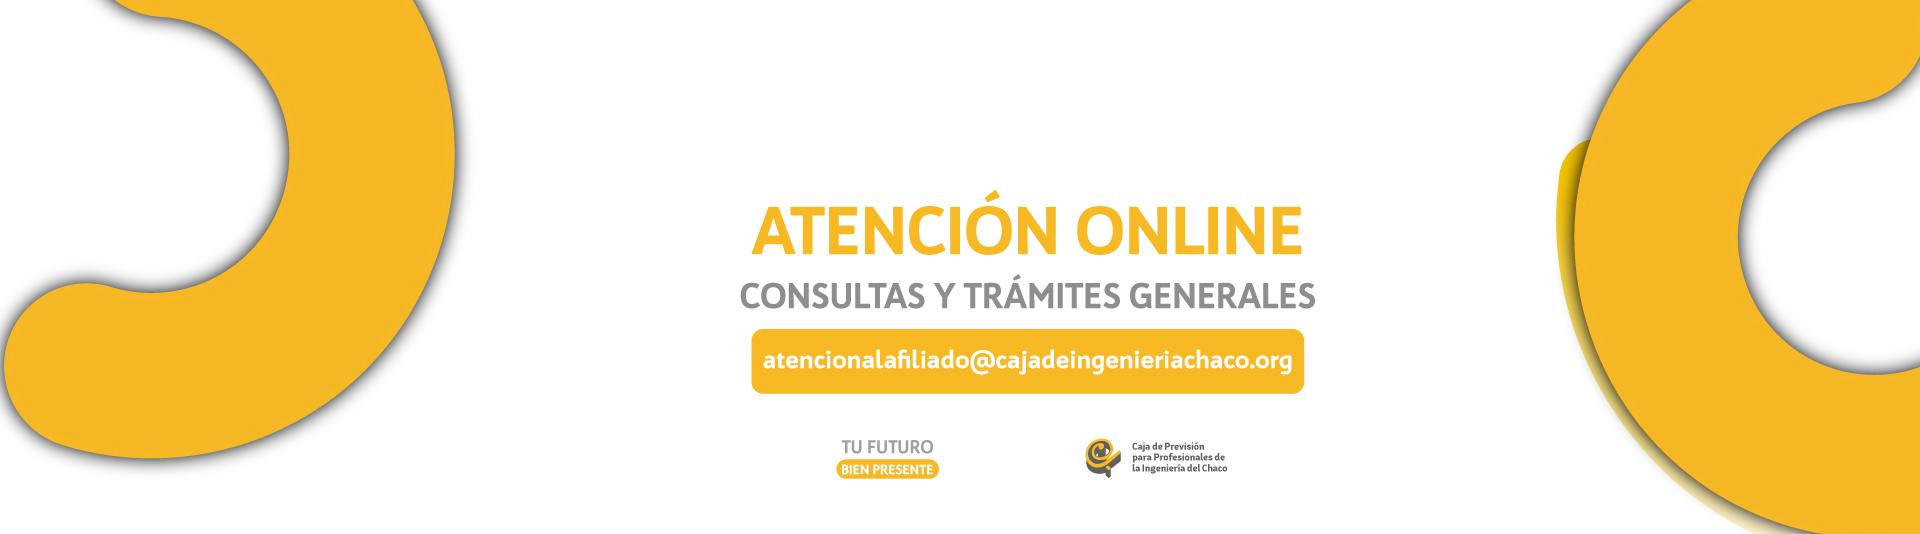 Slider_Atencion_06